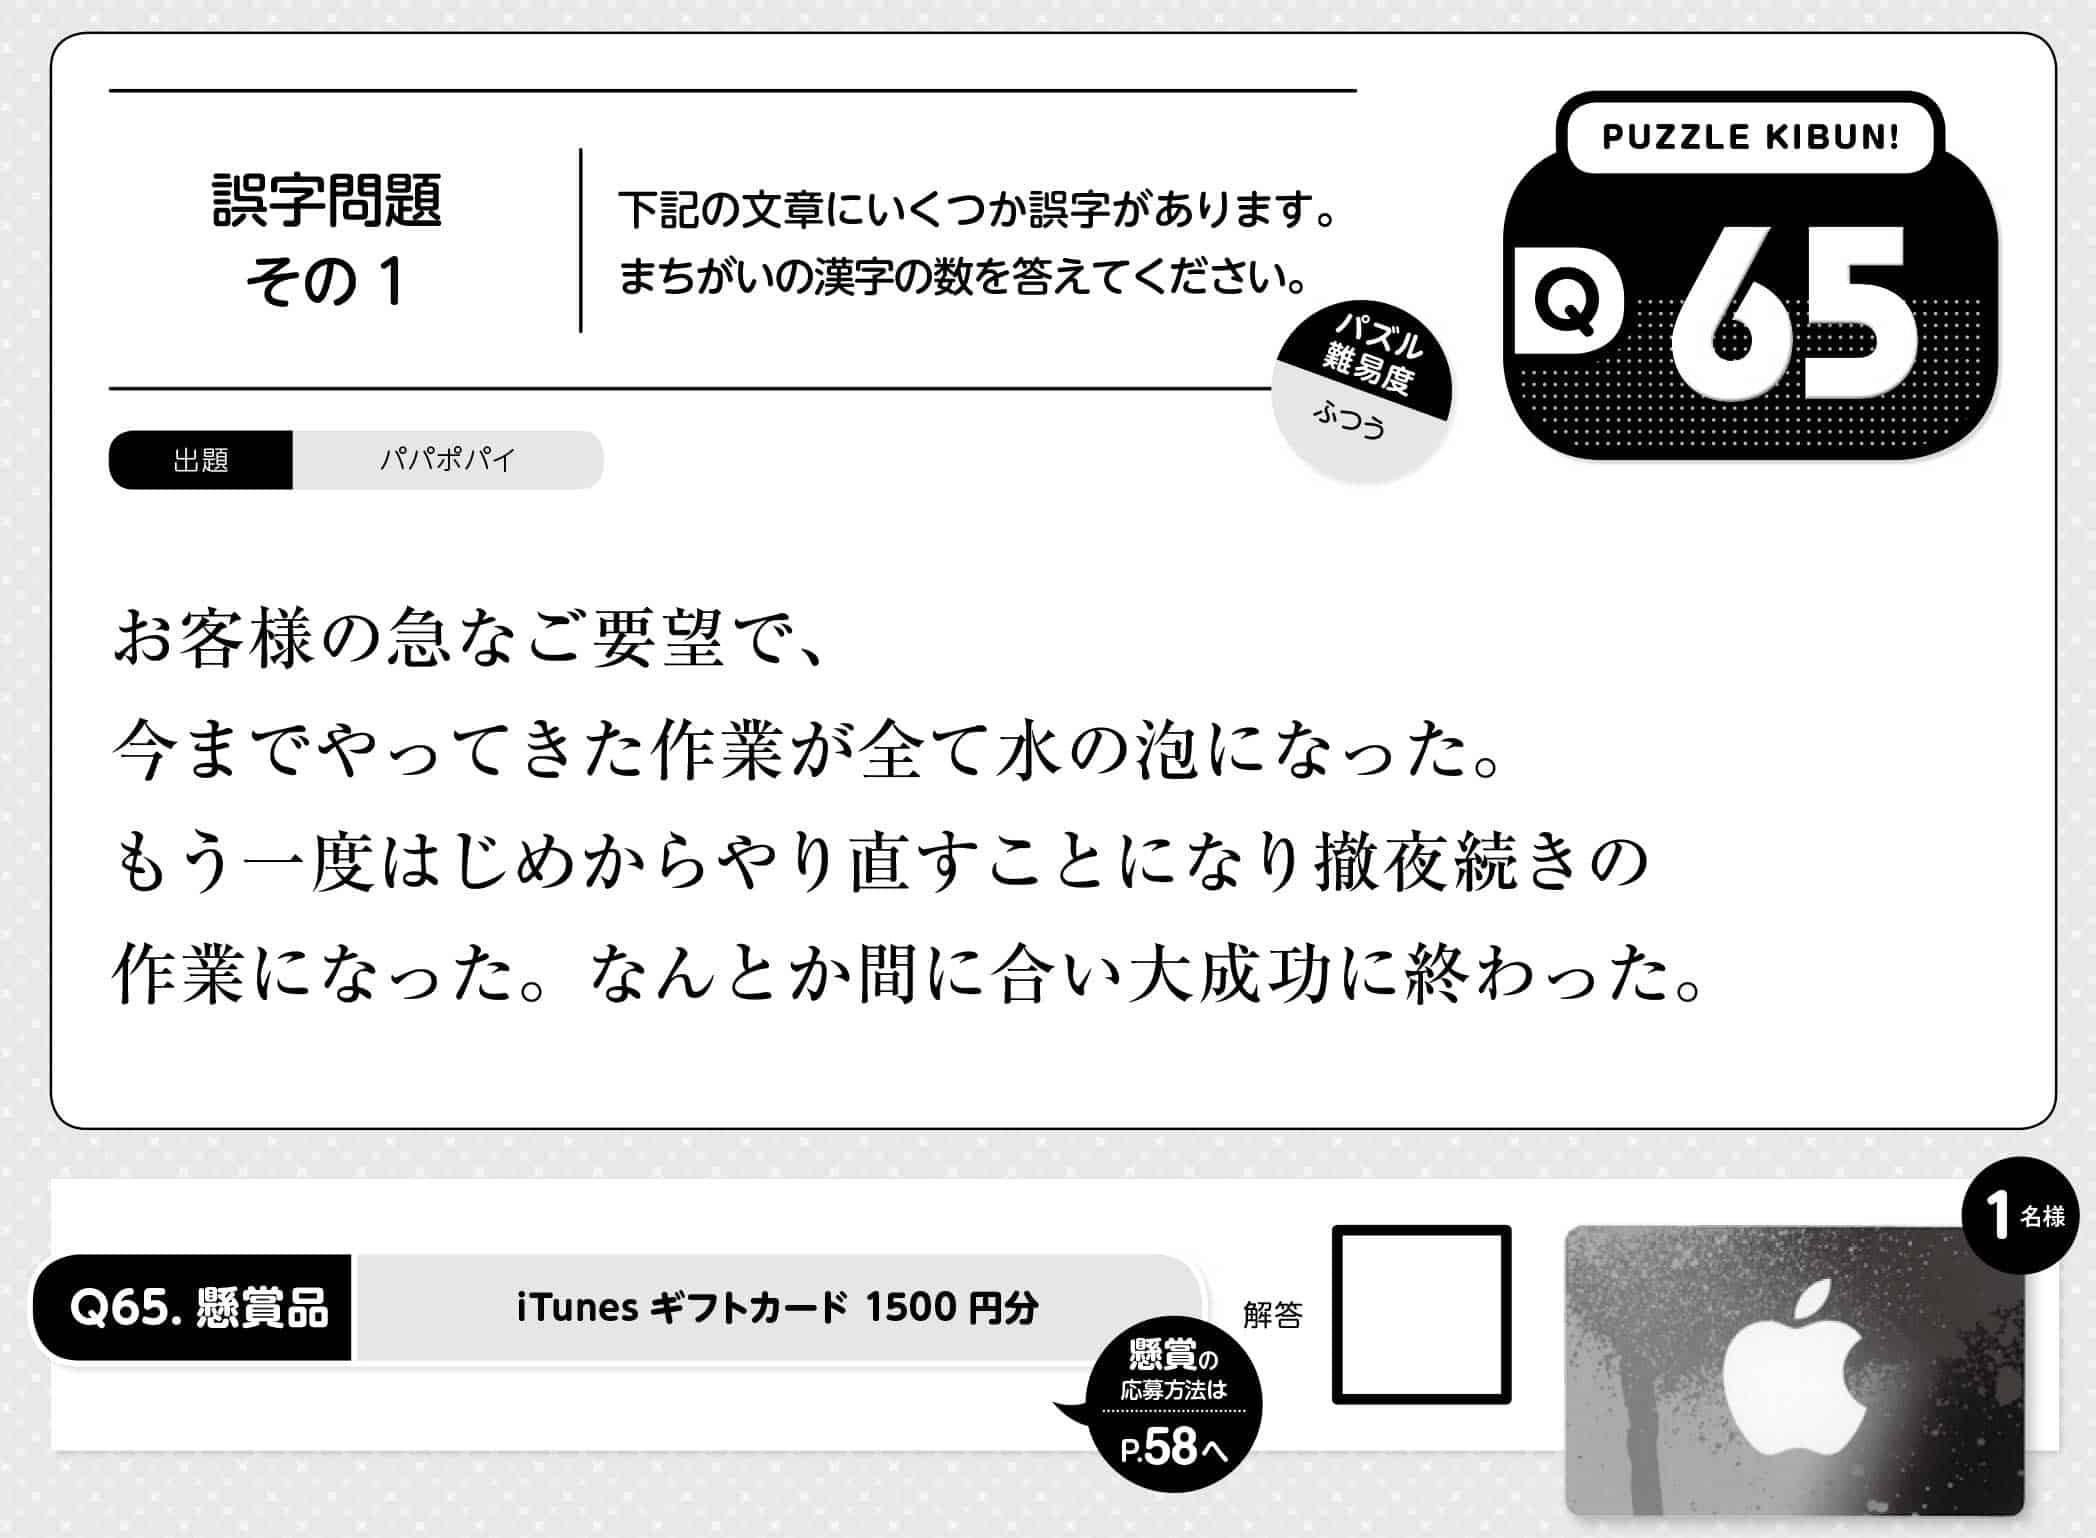 【パズルきぶん Vol.3】Q65 懐かしい学校の問題「誤字問題」1